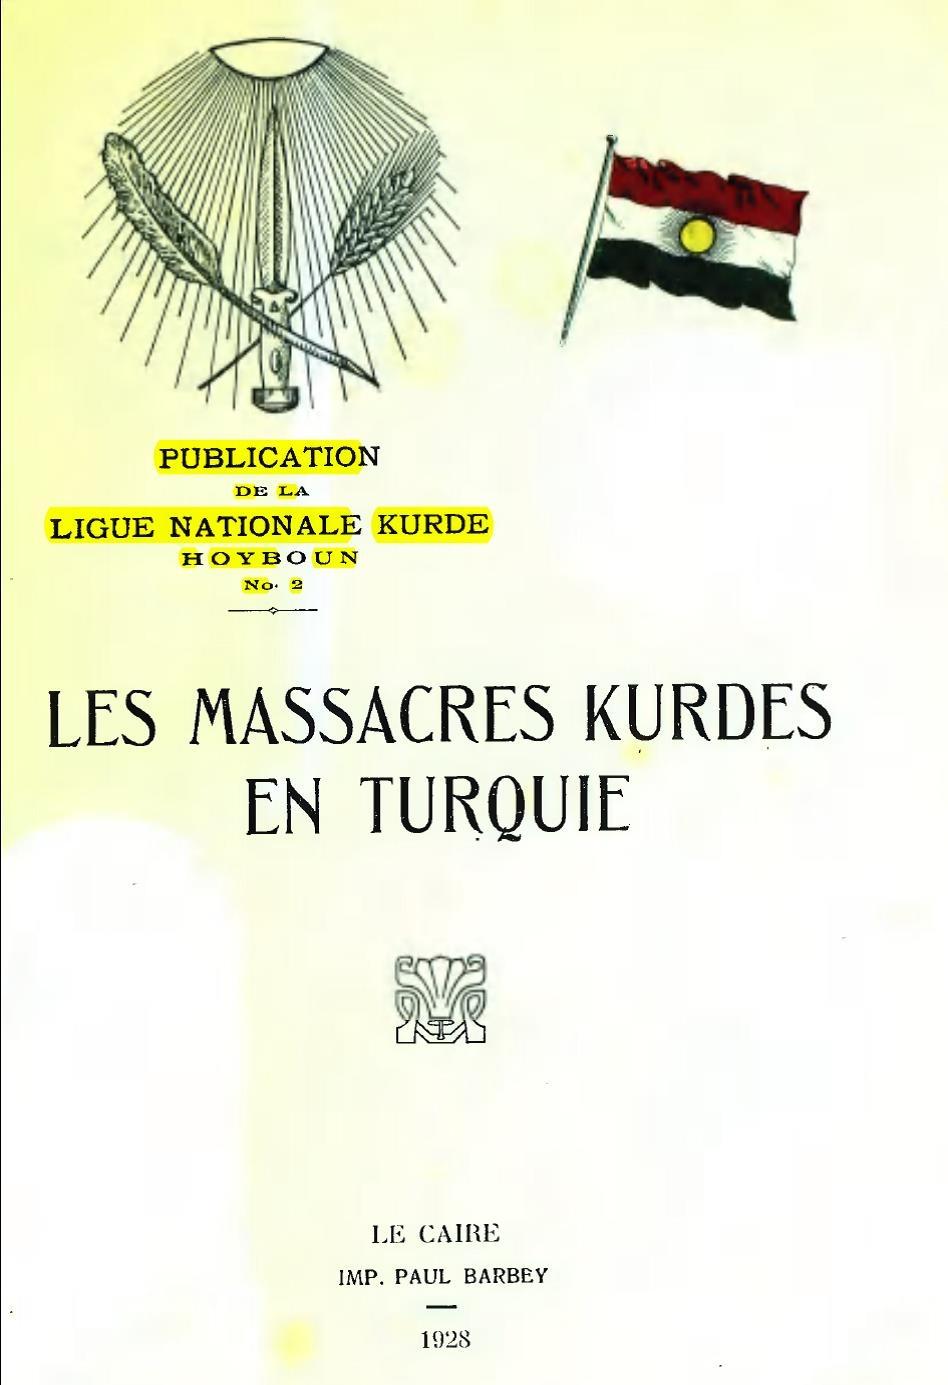 Kürdistan Bayrağına Dair Bazı Yanlış Bilgiler Üzerine!!!!(2-Son)